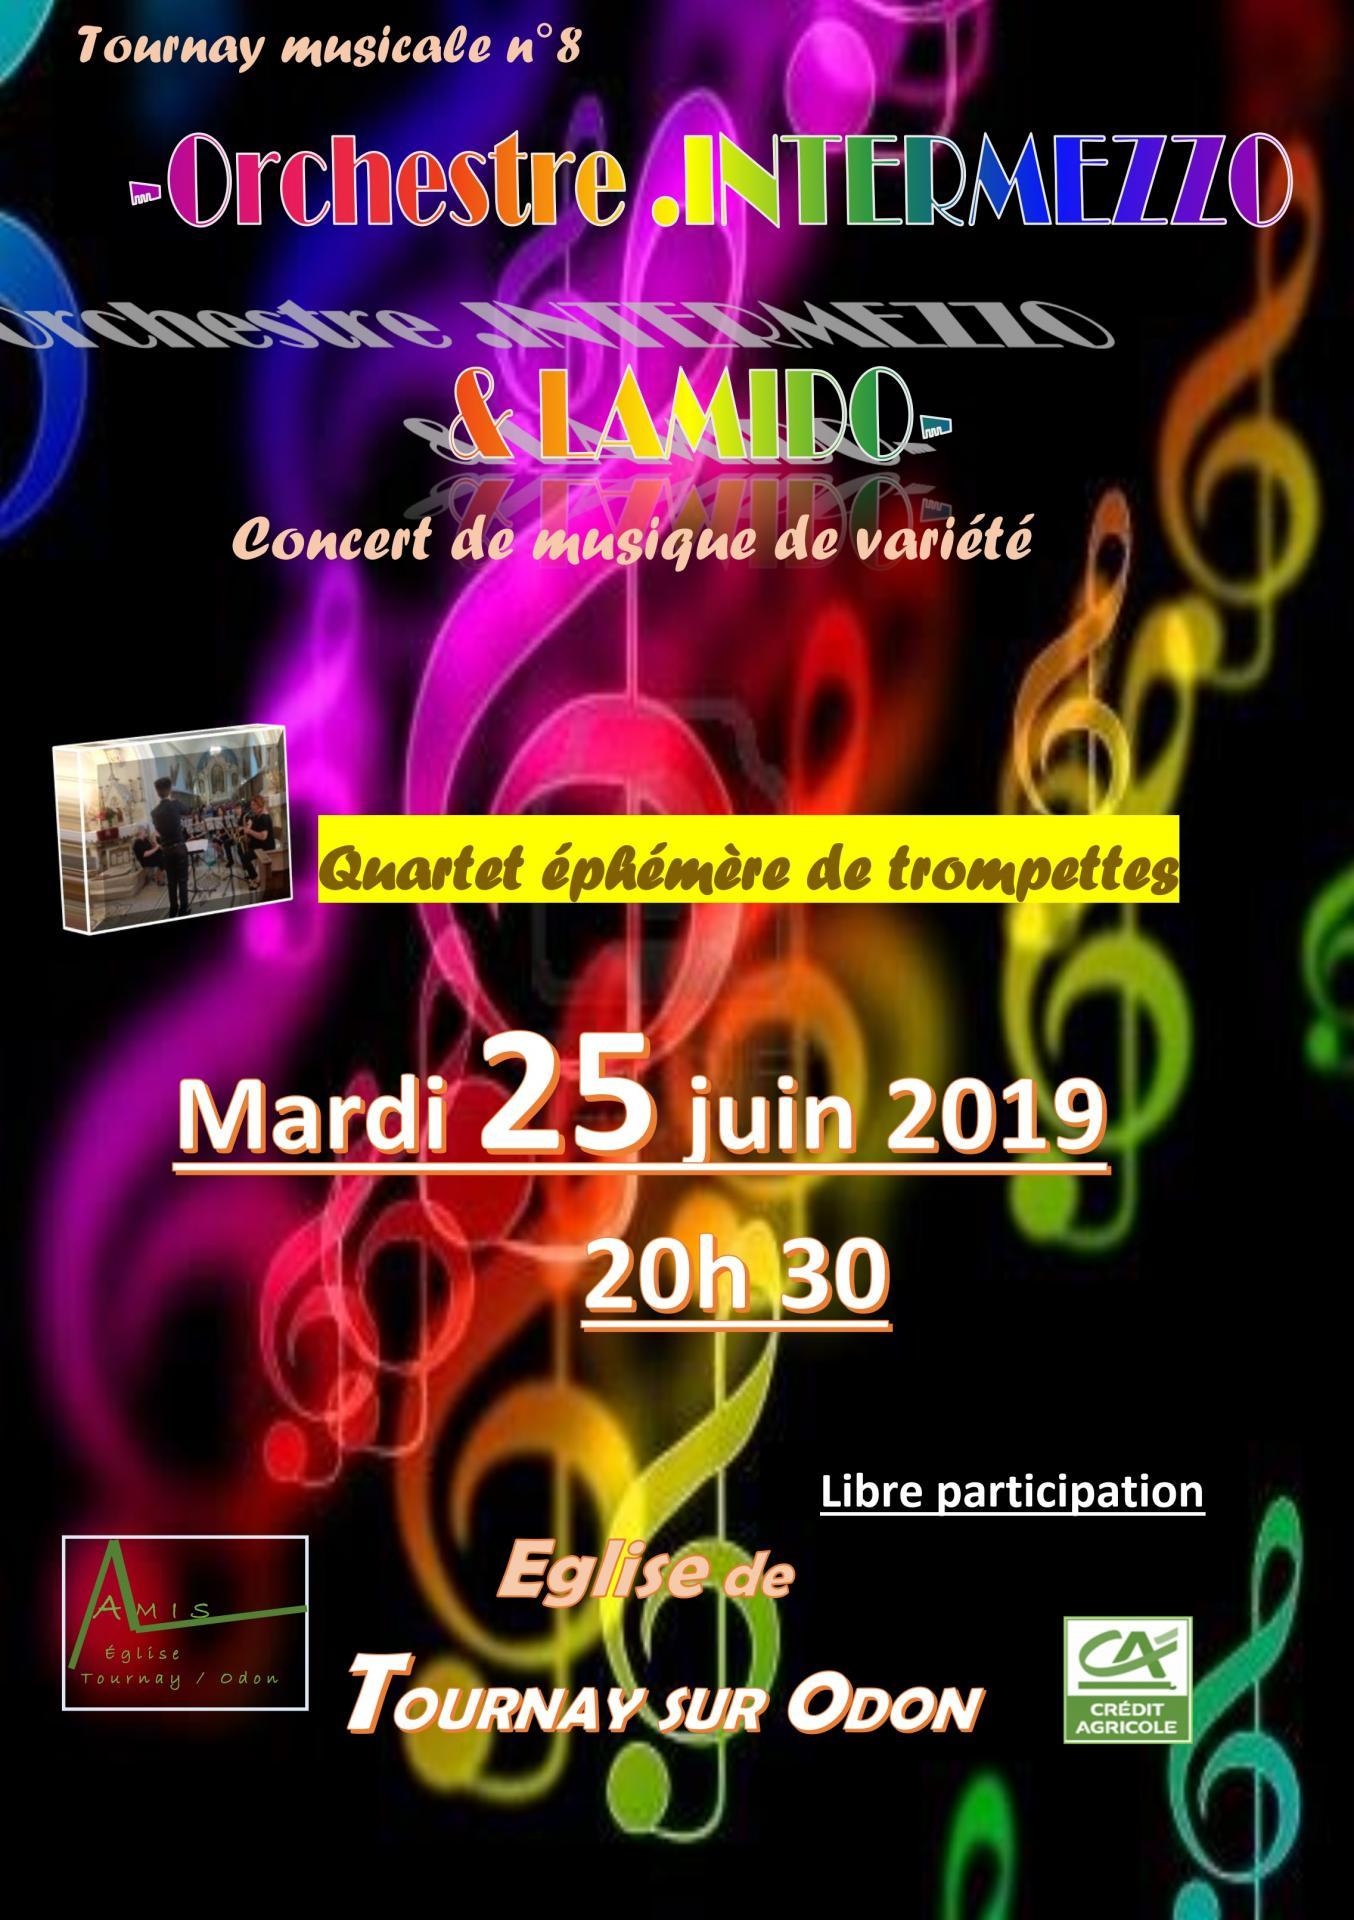 Concert lamido 25 juin2019